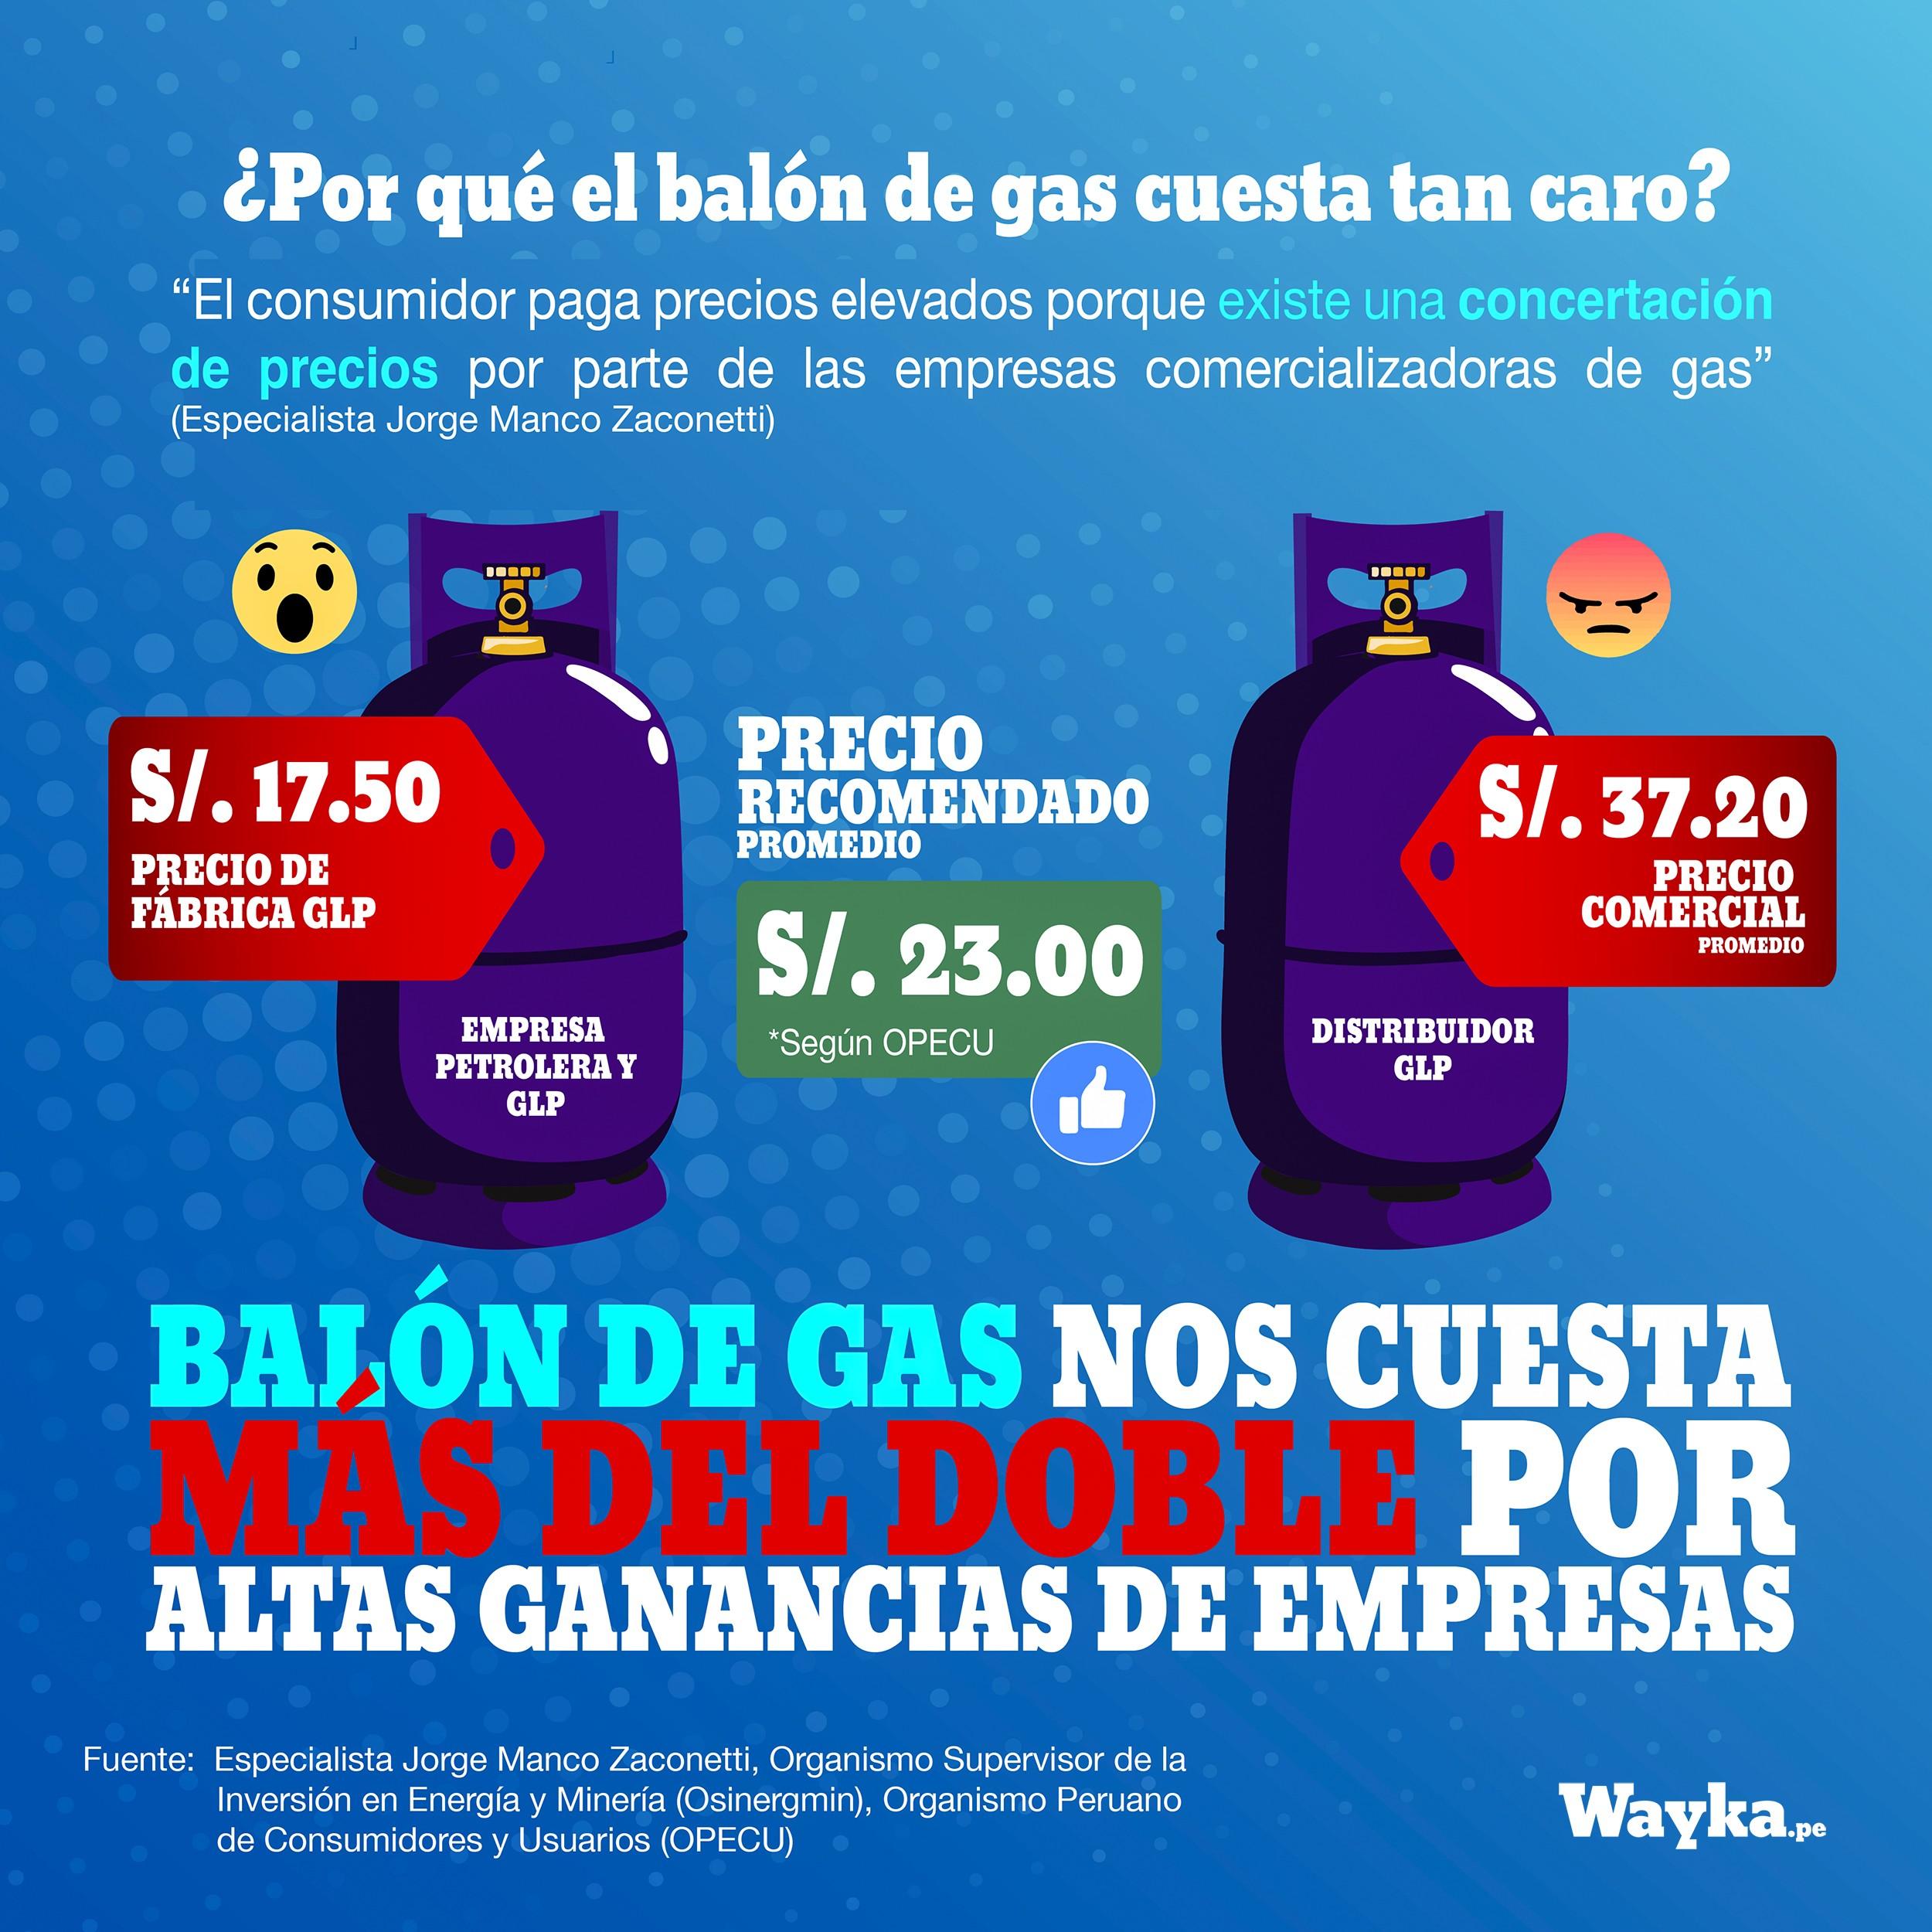 ¿Por qué el balón de gas cuesta tan caro?